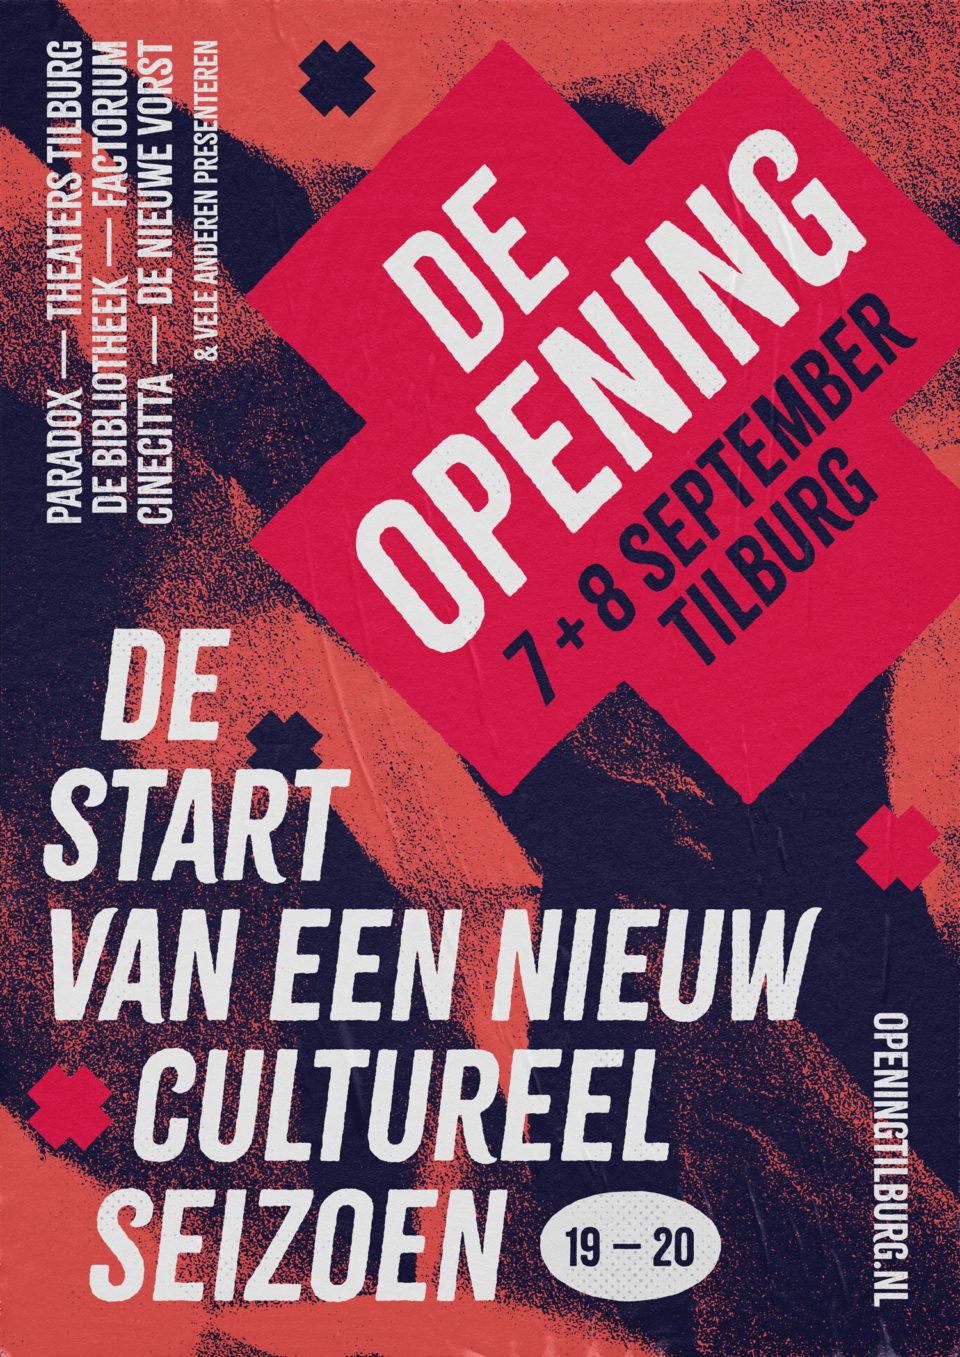 De-Opening